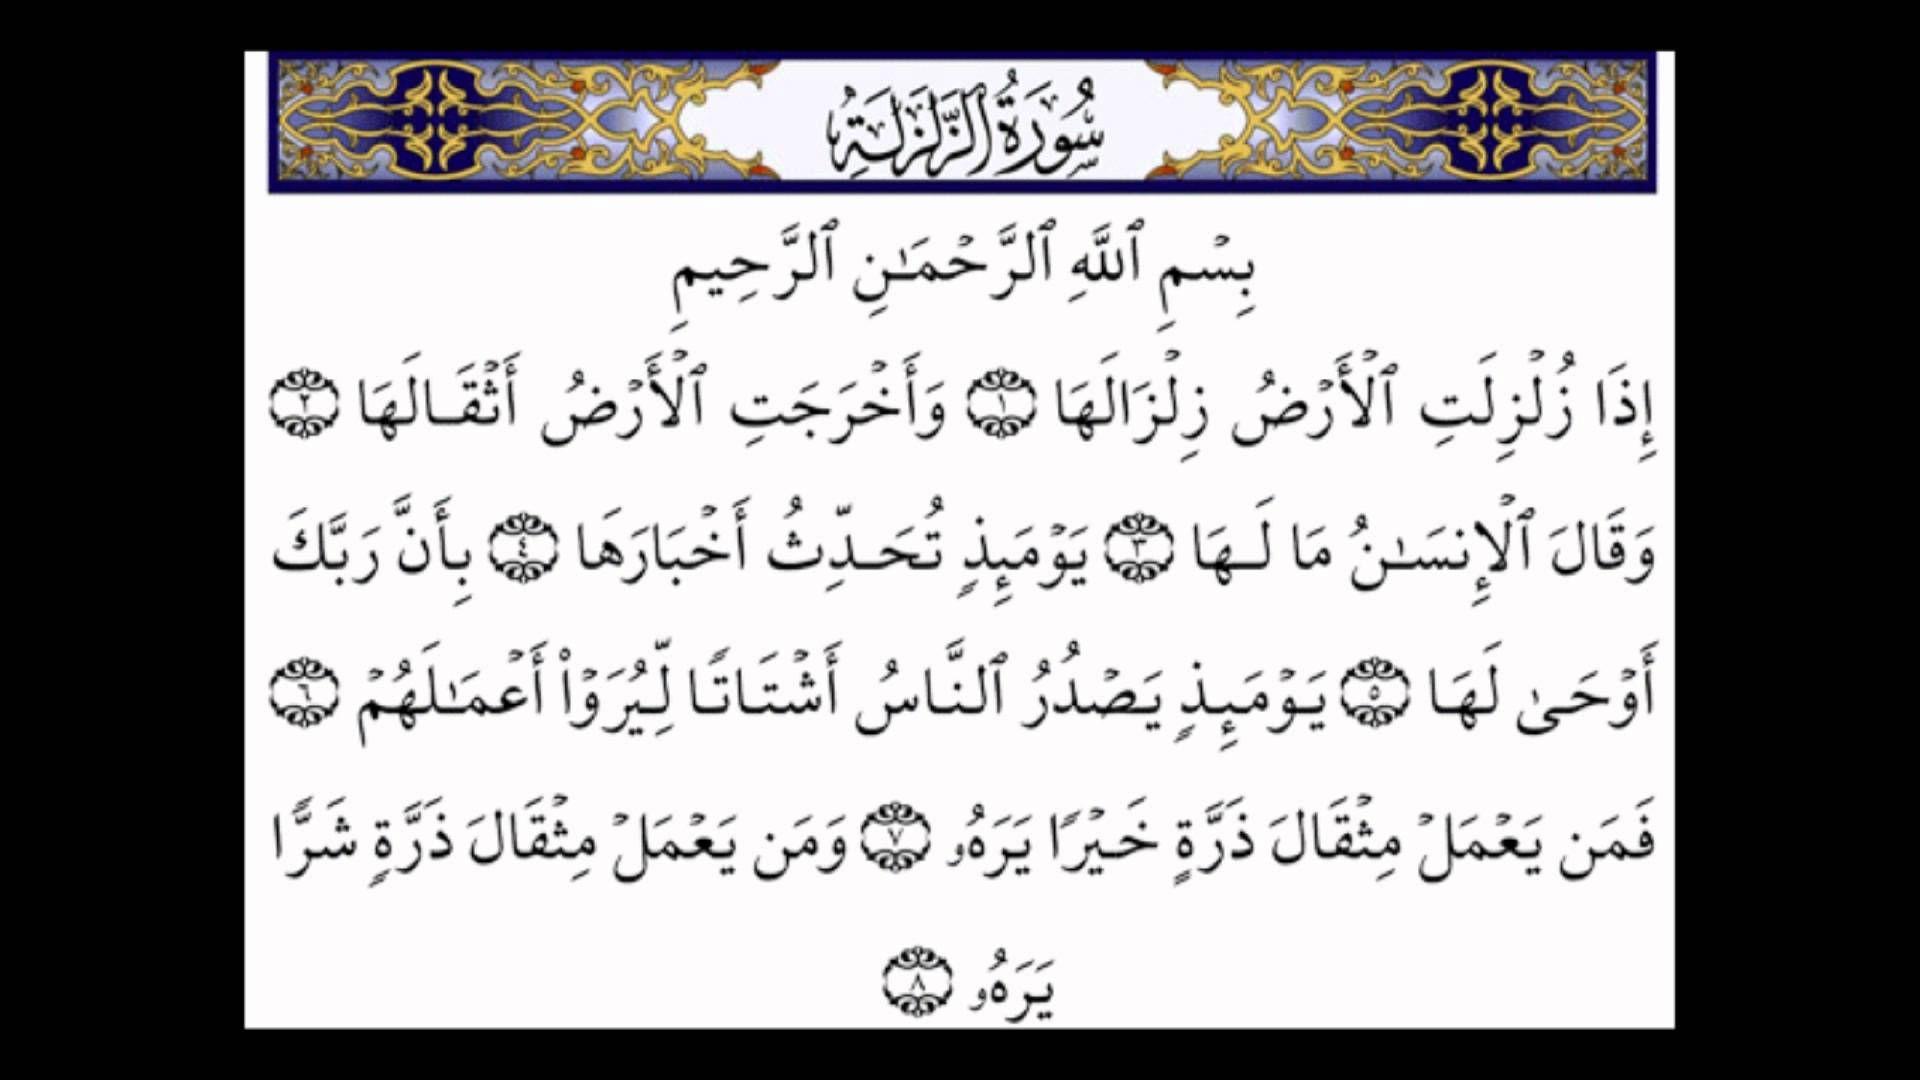 سورة الزلزلة بصوت سعد الغامدي Arabic Calligraphy Calligraphy